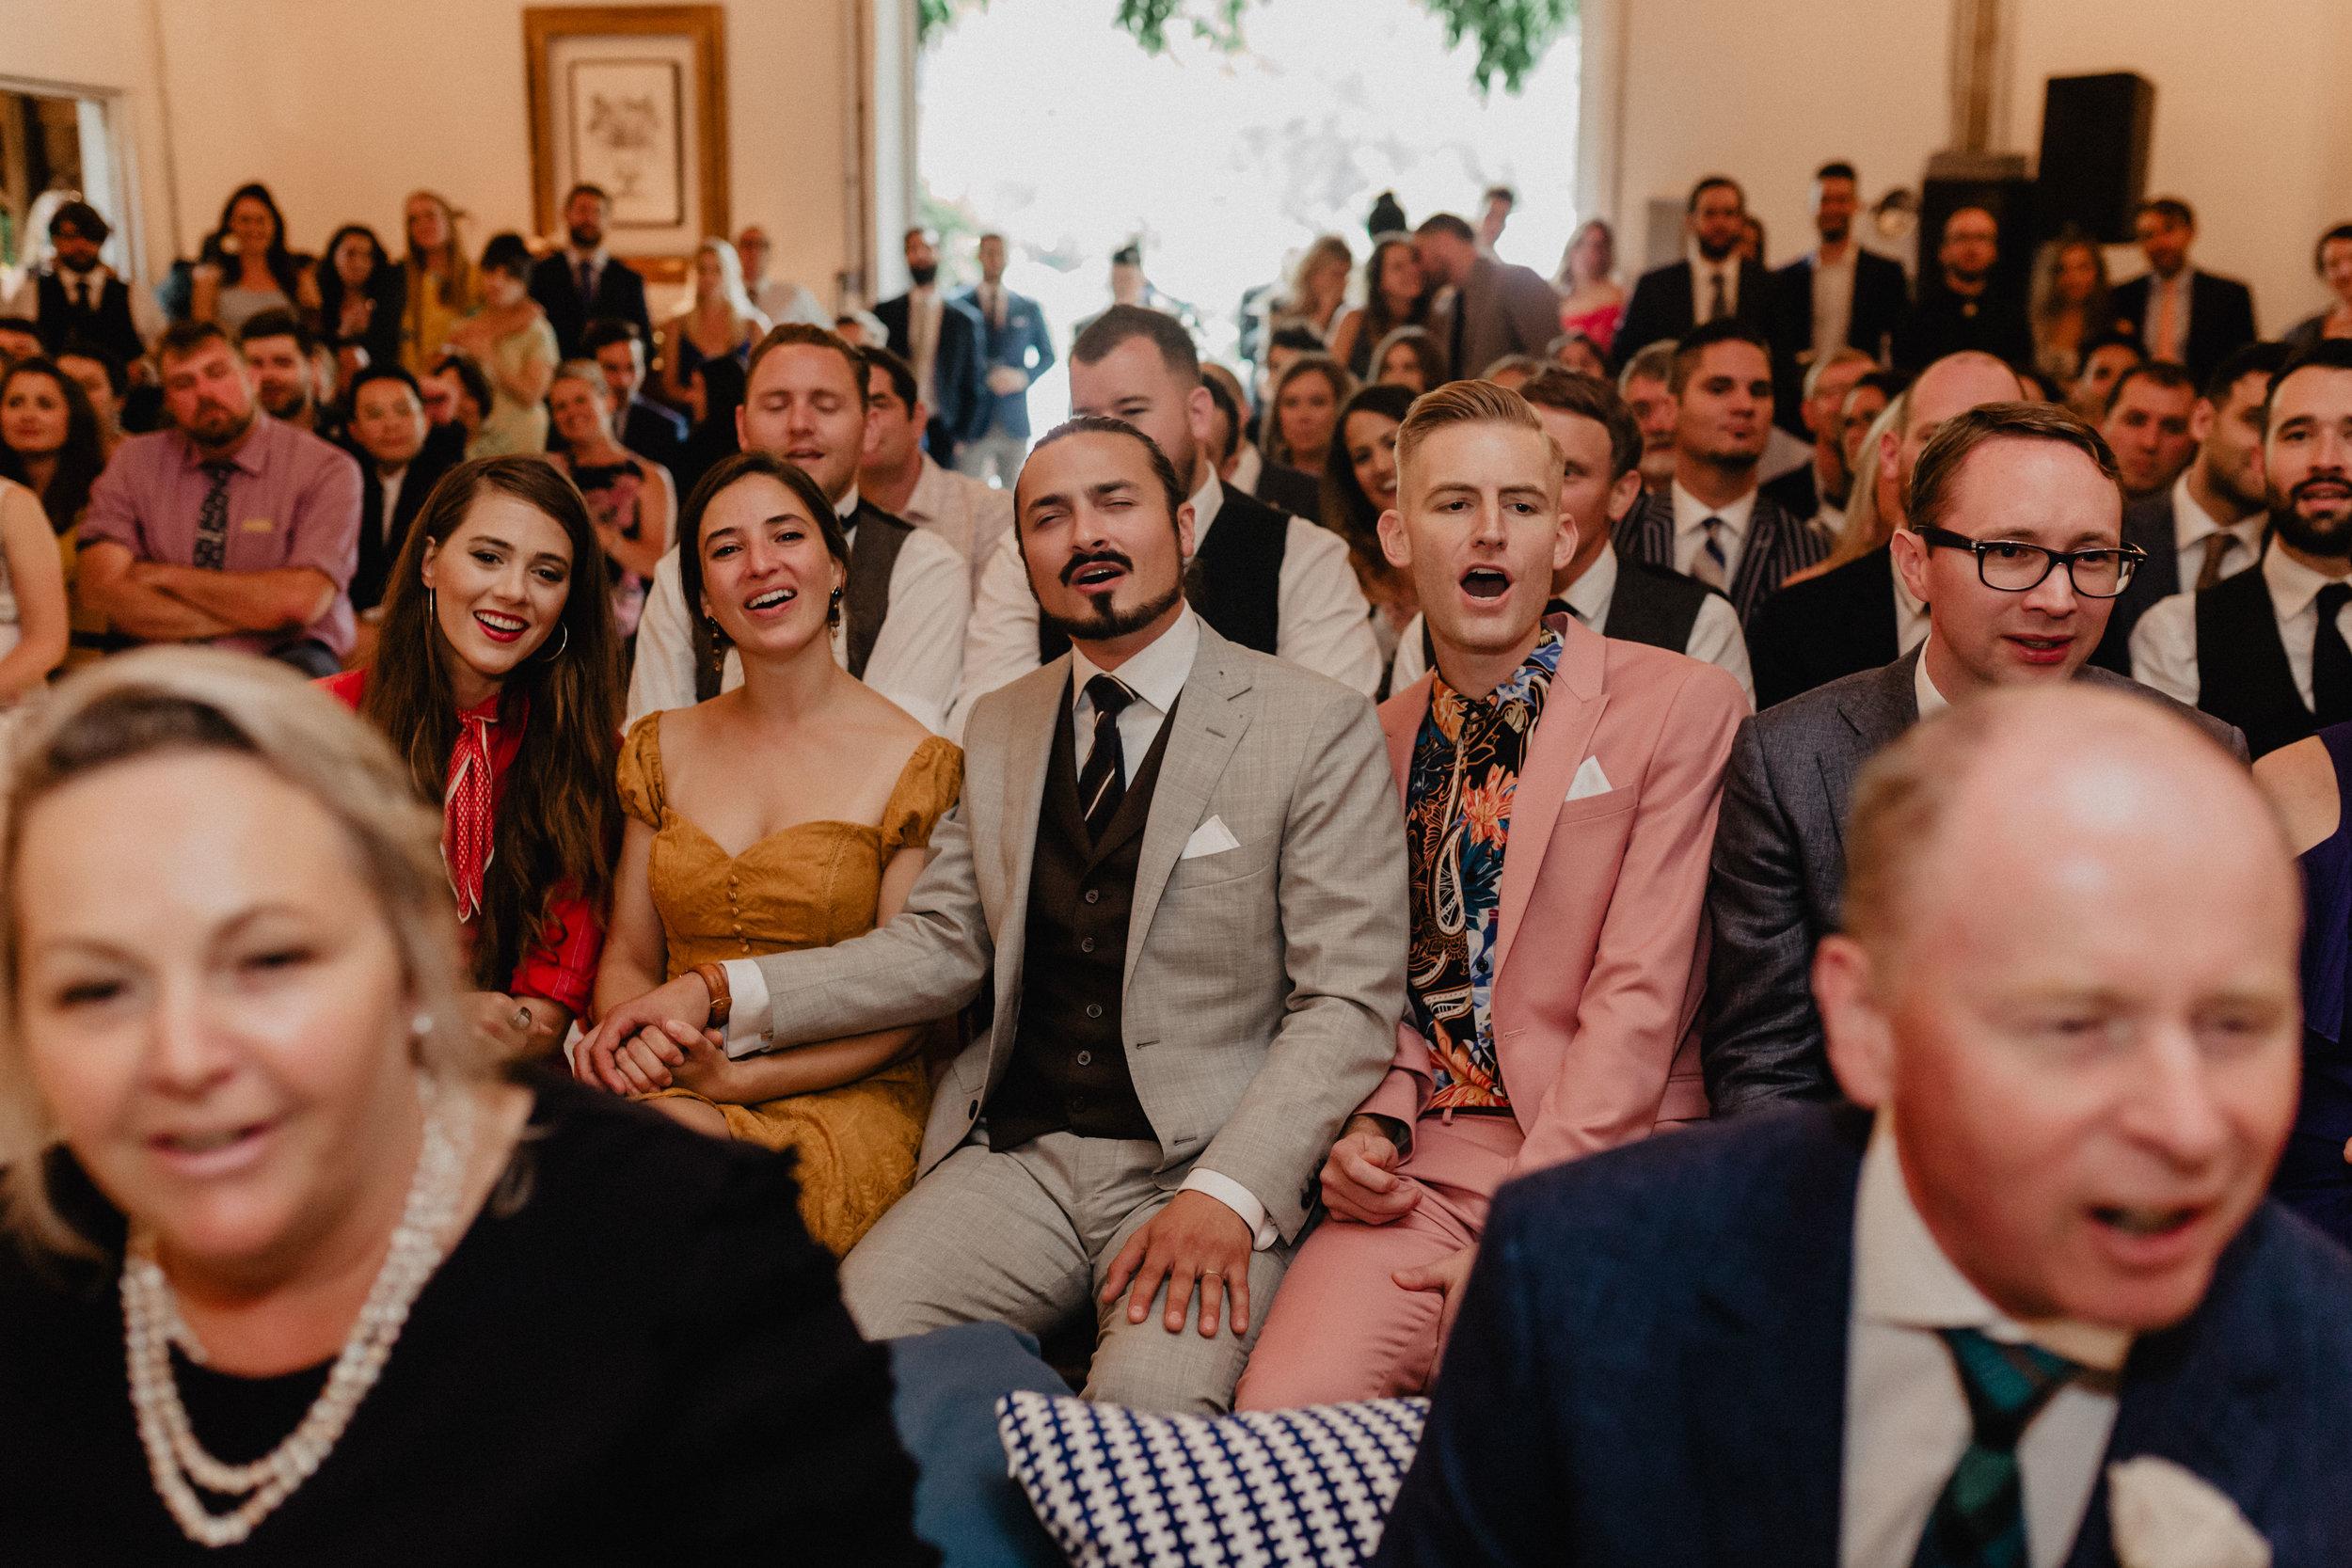 mnd_farm_wedding_086.jpg